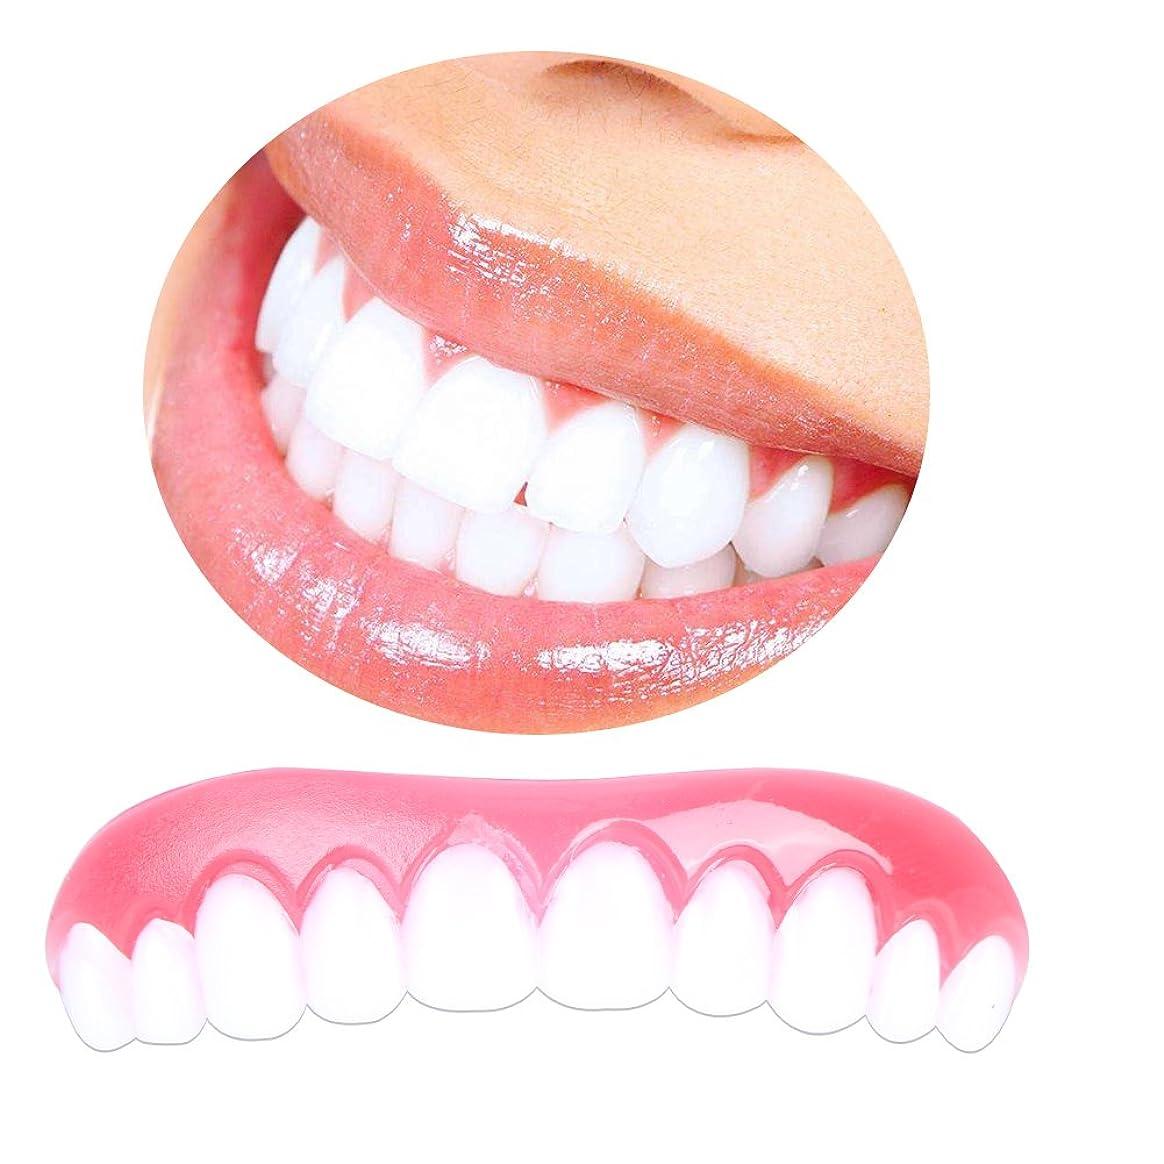 バスタブ経歴教育する2個パーフェクトスマイルベニヤダブの歯の修正のための在庫の悪い歯のためのパーフェクトスマイルベニヤ歯のホワイトニング